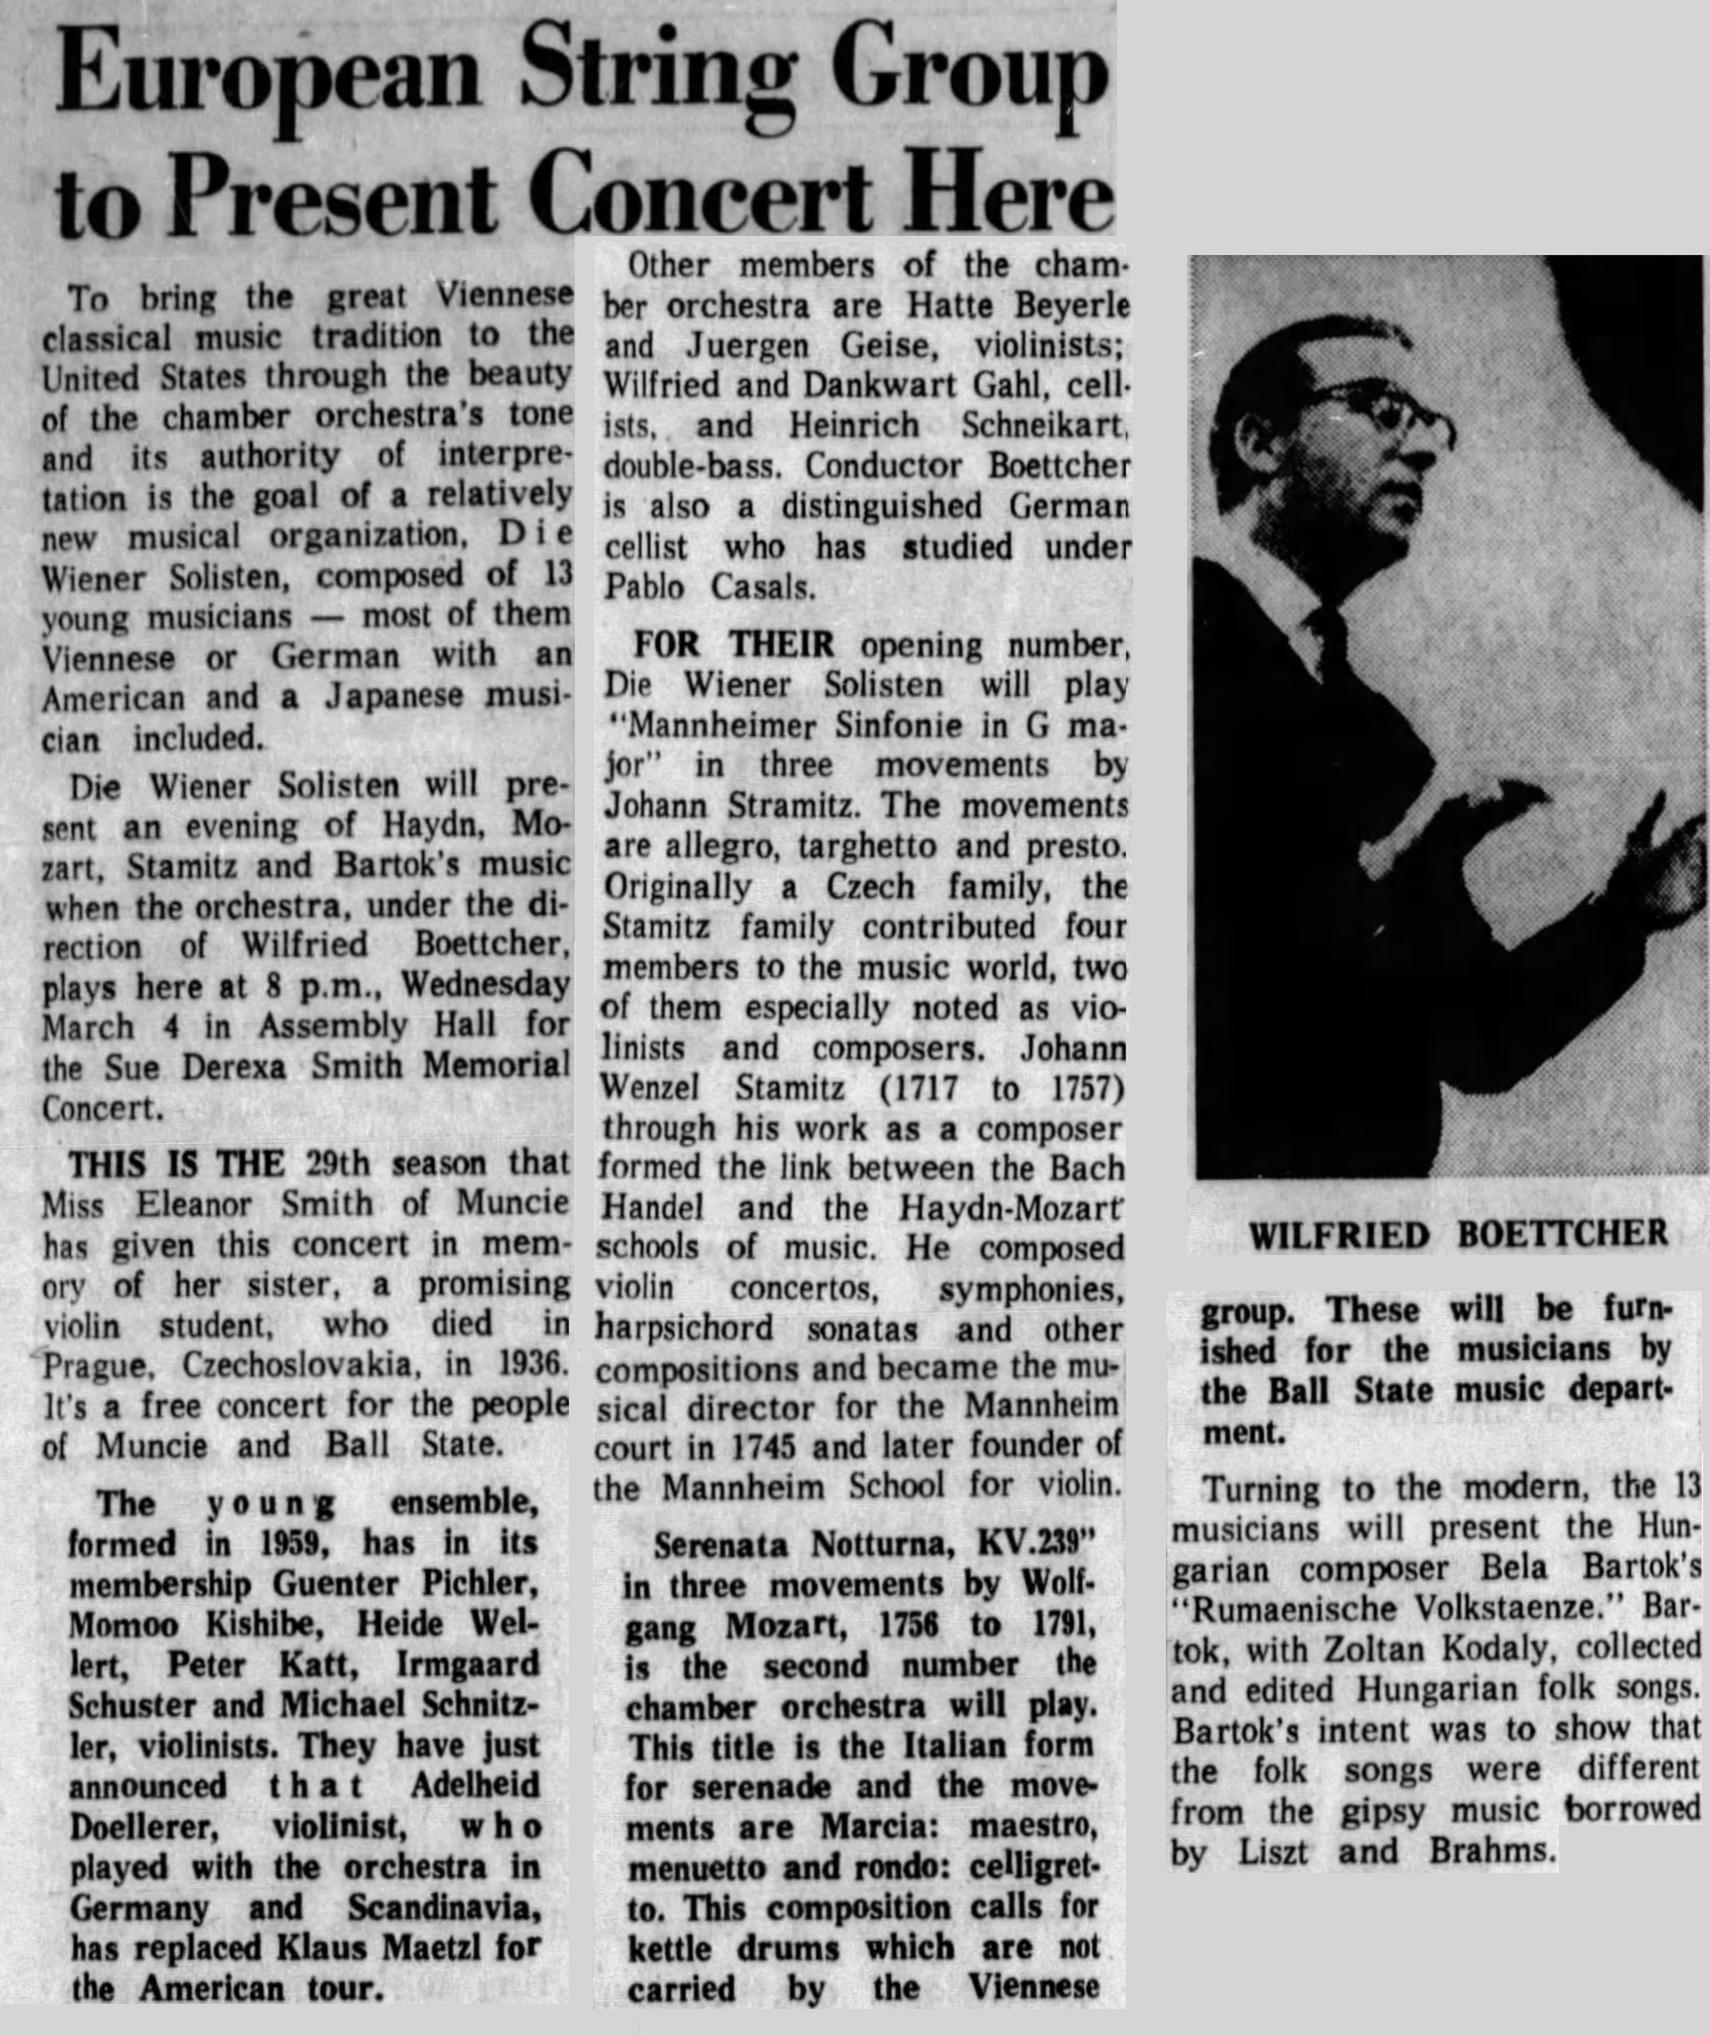 Extrait reformaté du quotidien The Star Press (Muncie, Indiana) du 1er mars 1964, en page 30